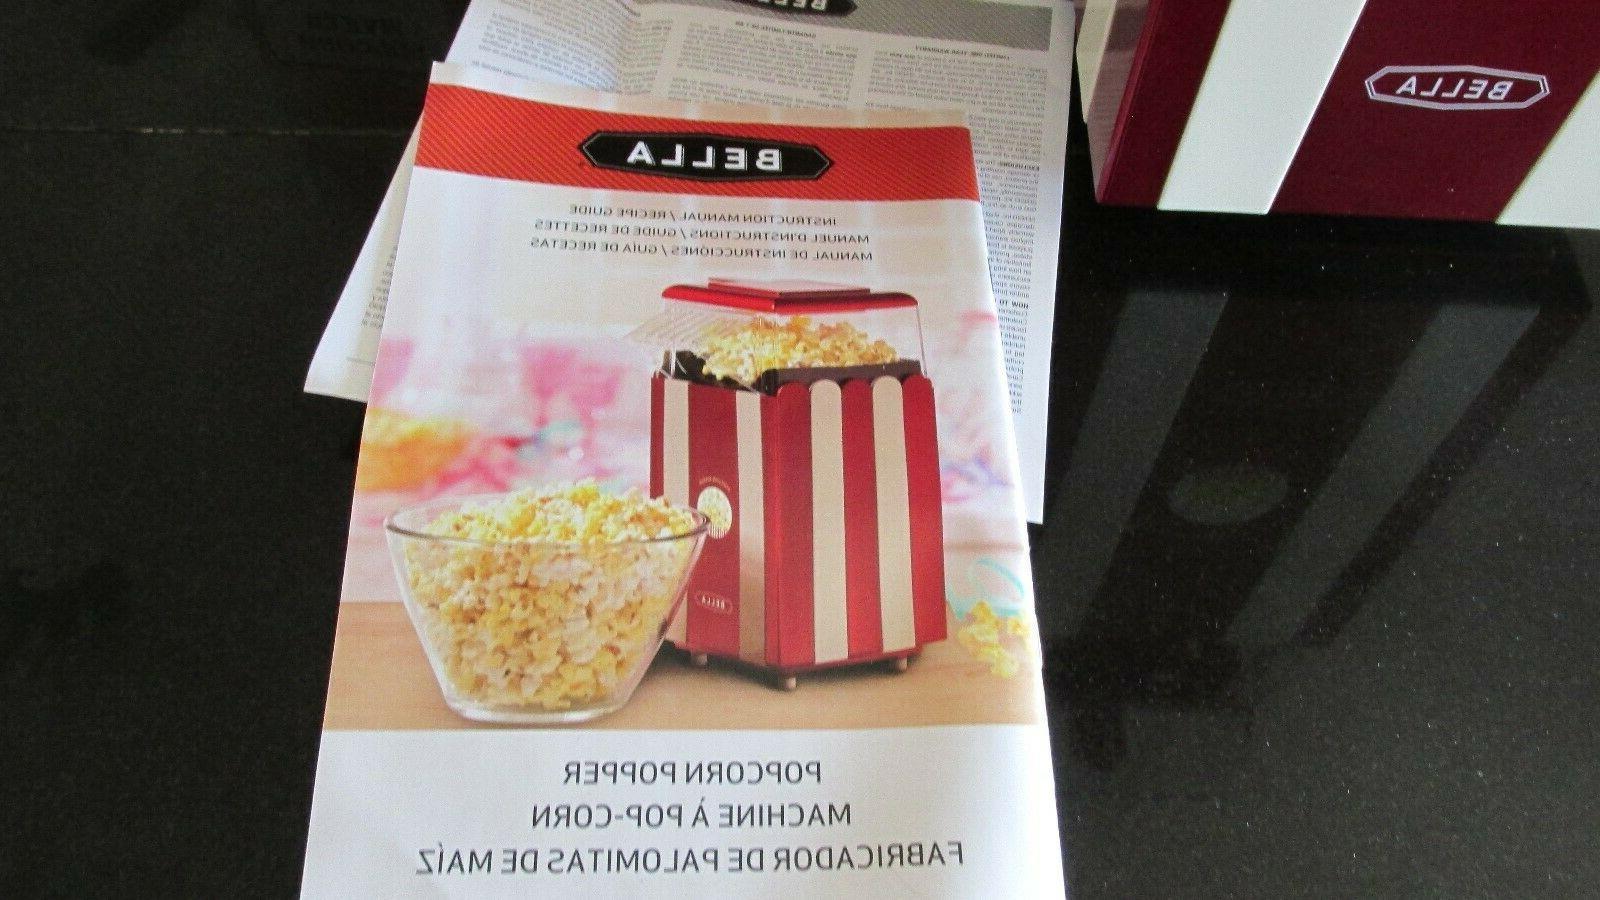 New Hot Popcorn Maker